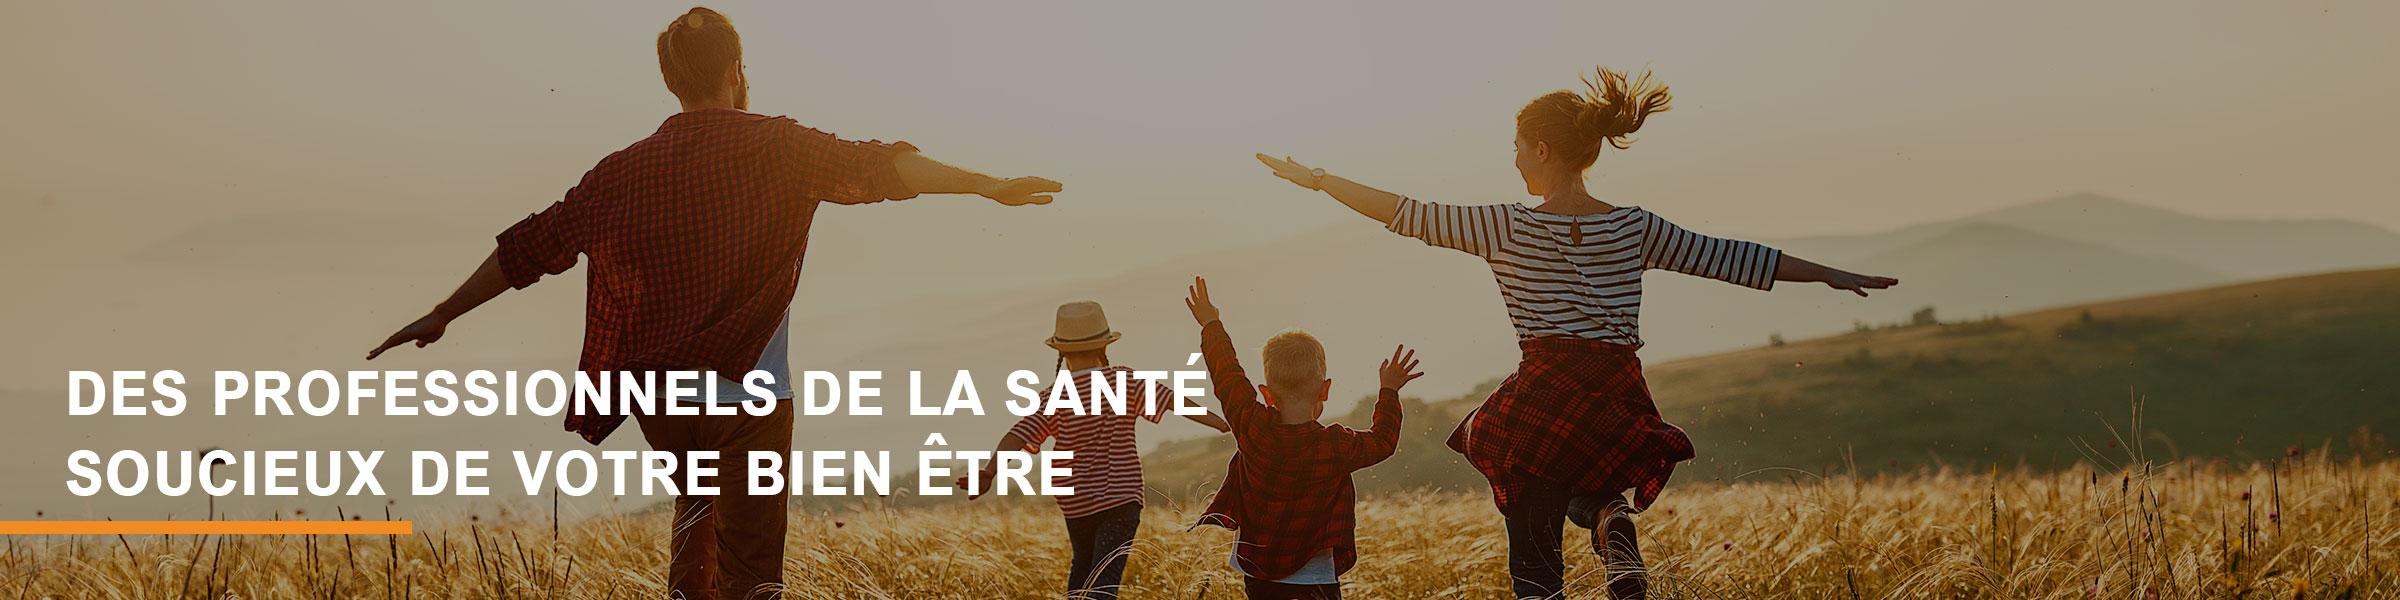 https://cliniquepraxis.ca/wp-content/uploads/2020/10/famille-plaisir-champ-de-ble.jpg